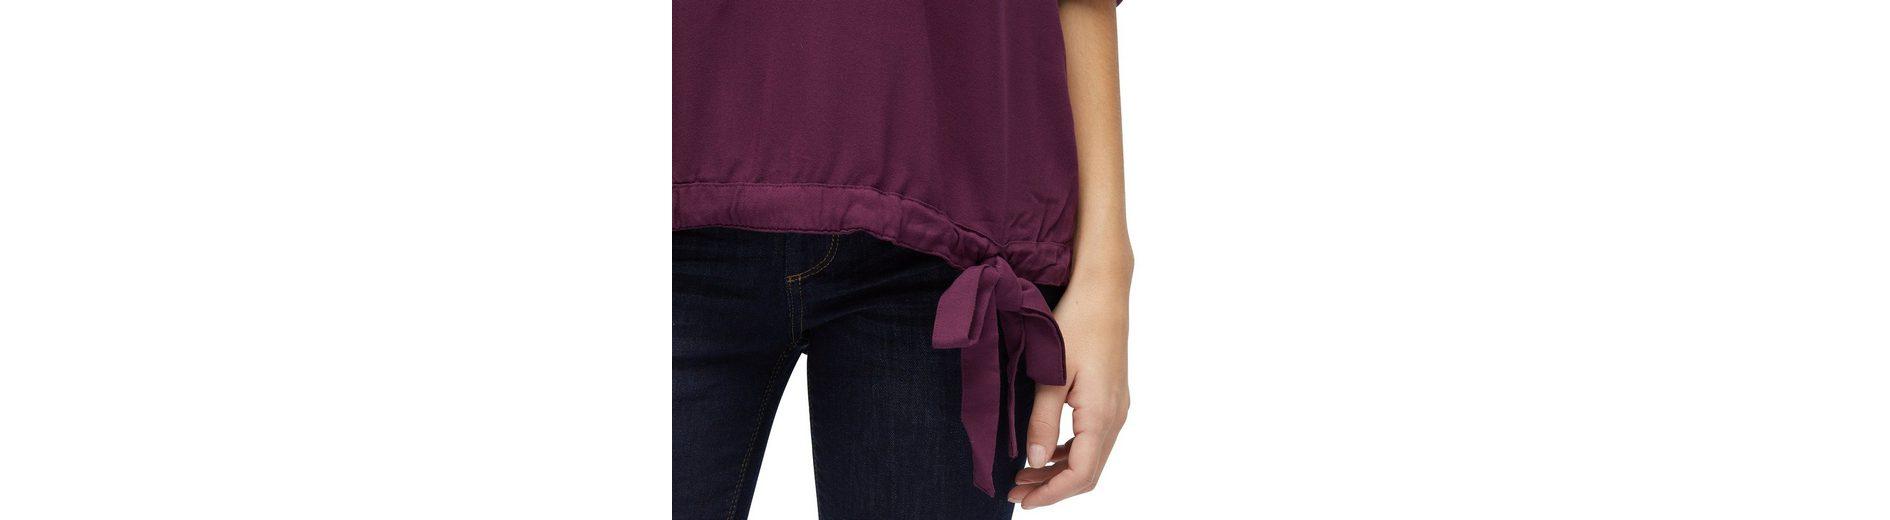 Tom Tailor Langarmbluse Bluse mit Schleifen-Detail Spielraum Angebote qVHSm6WWy